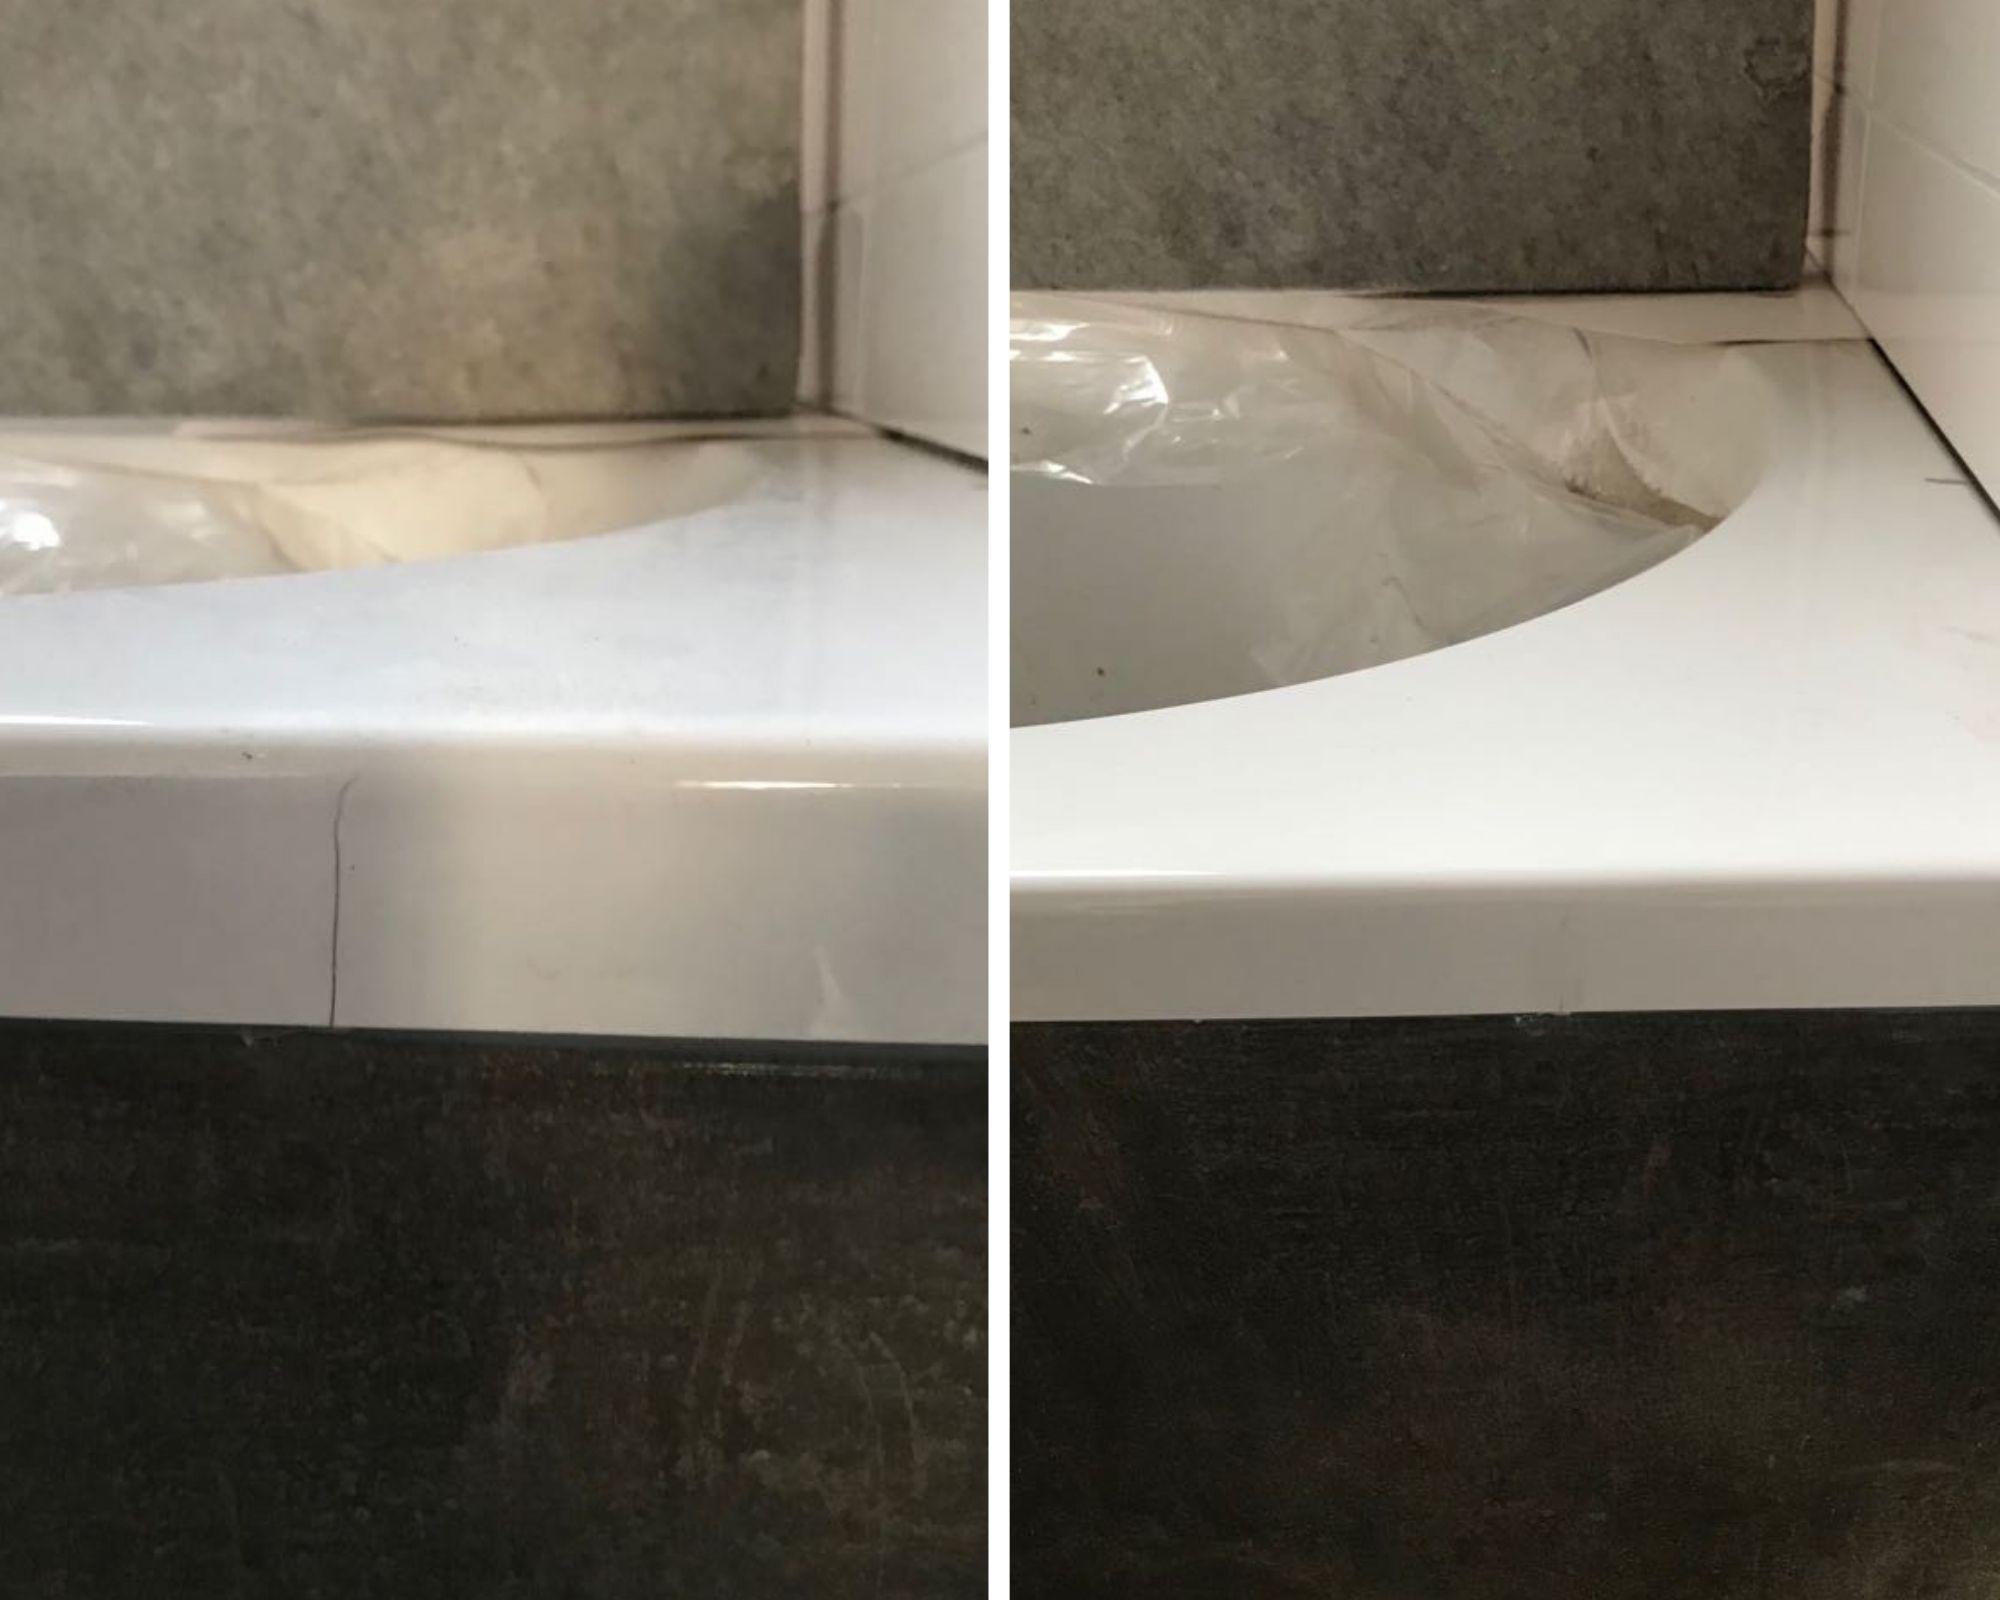 Krassen verwijderen uit bad